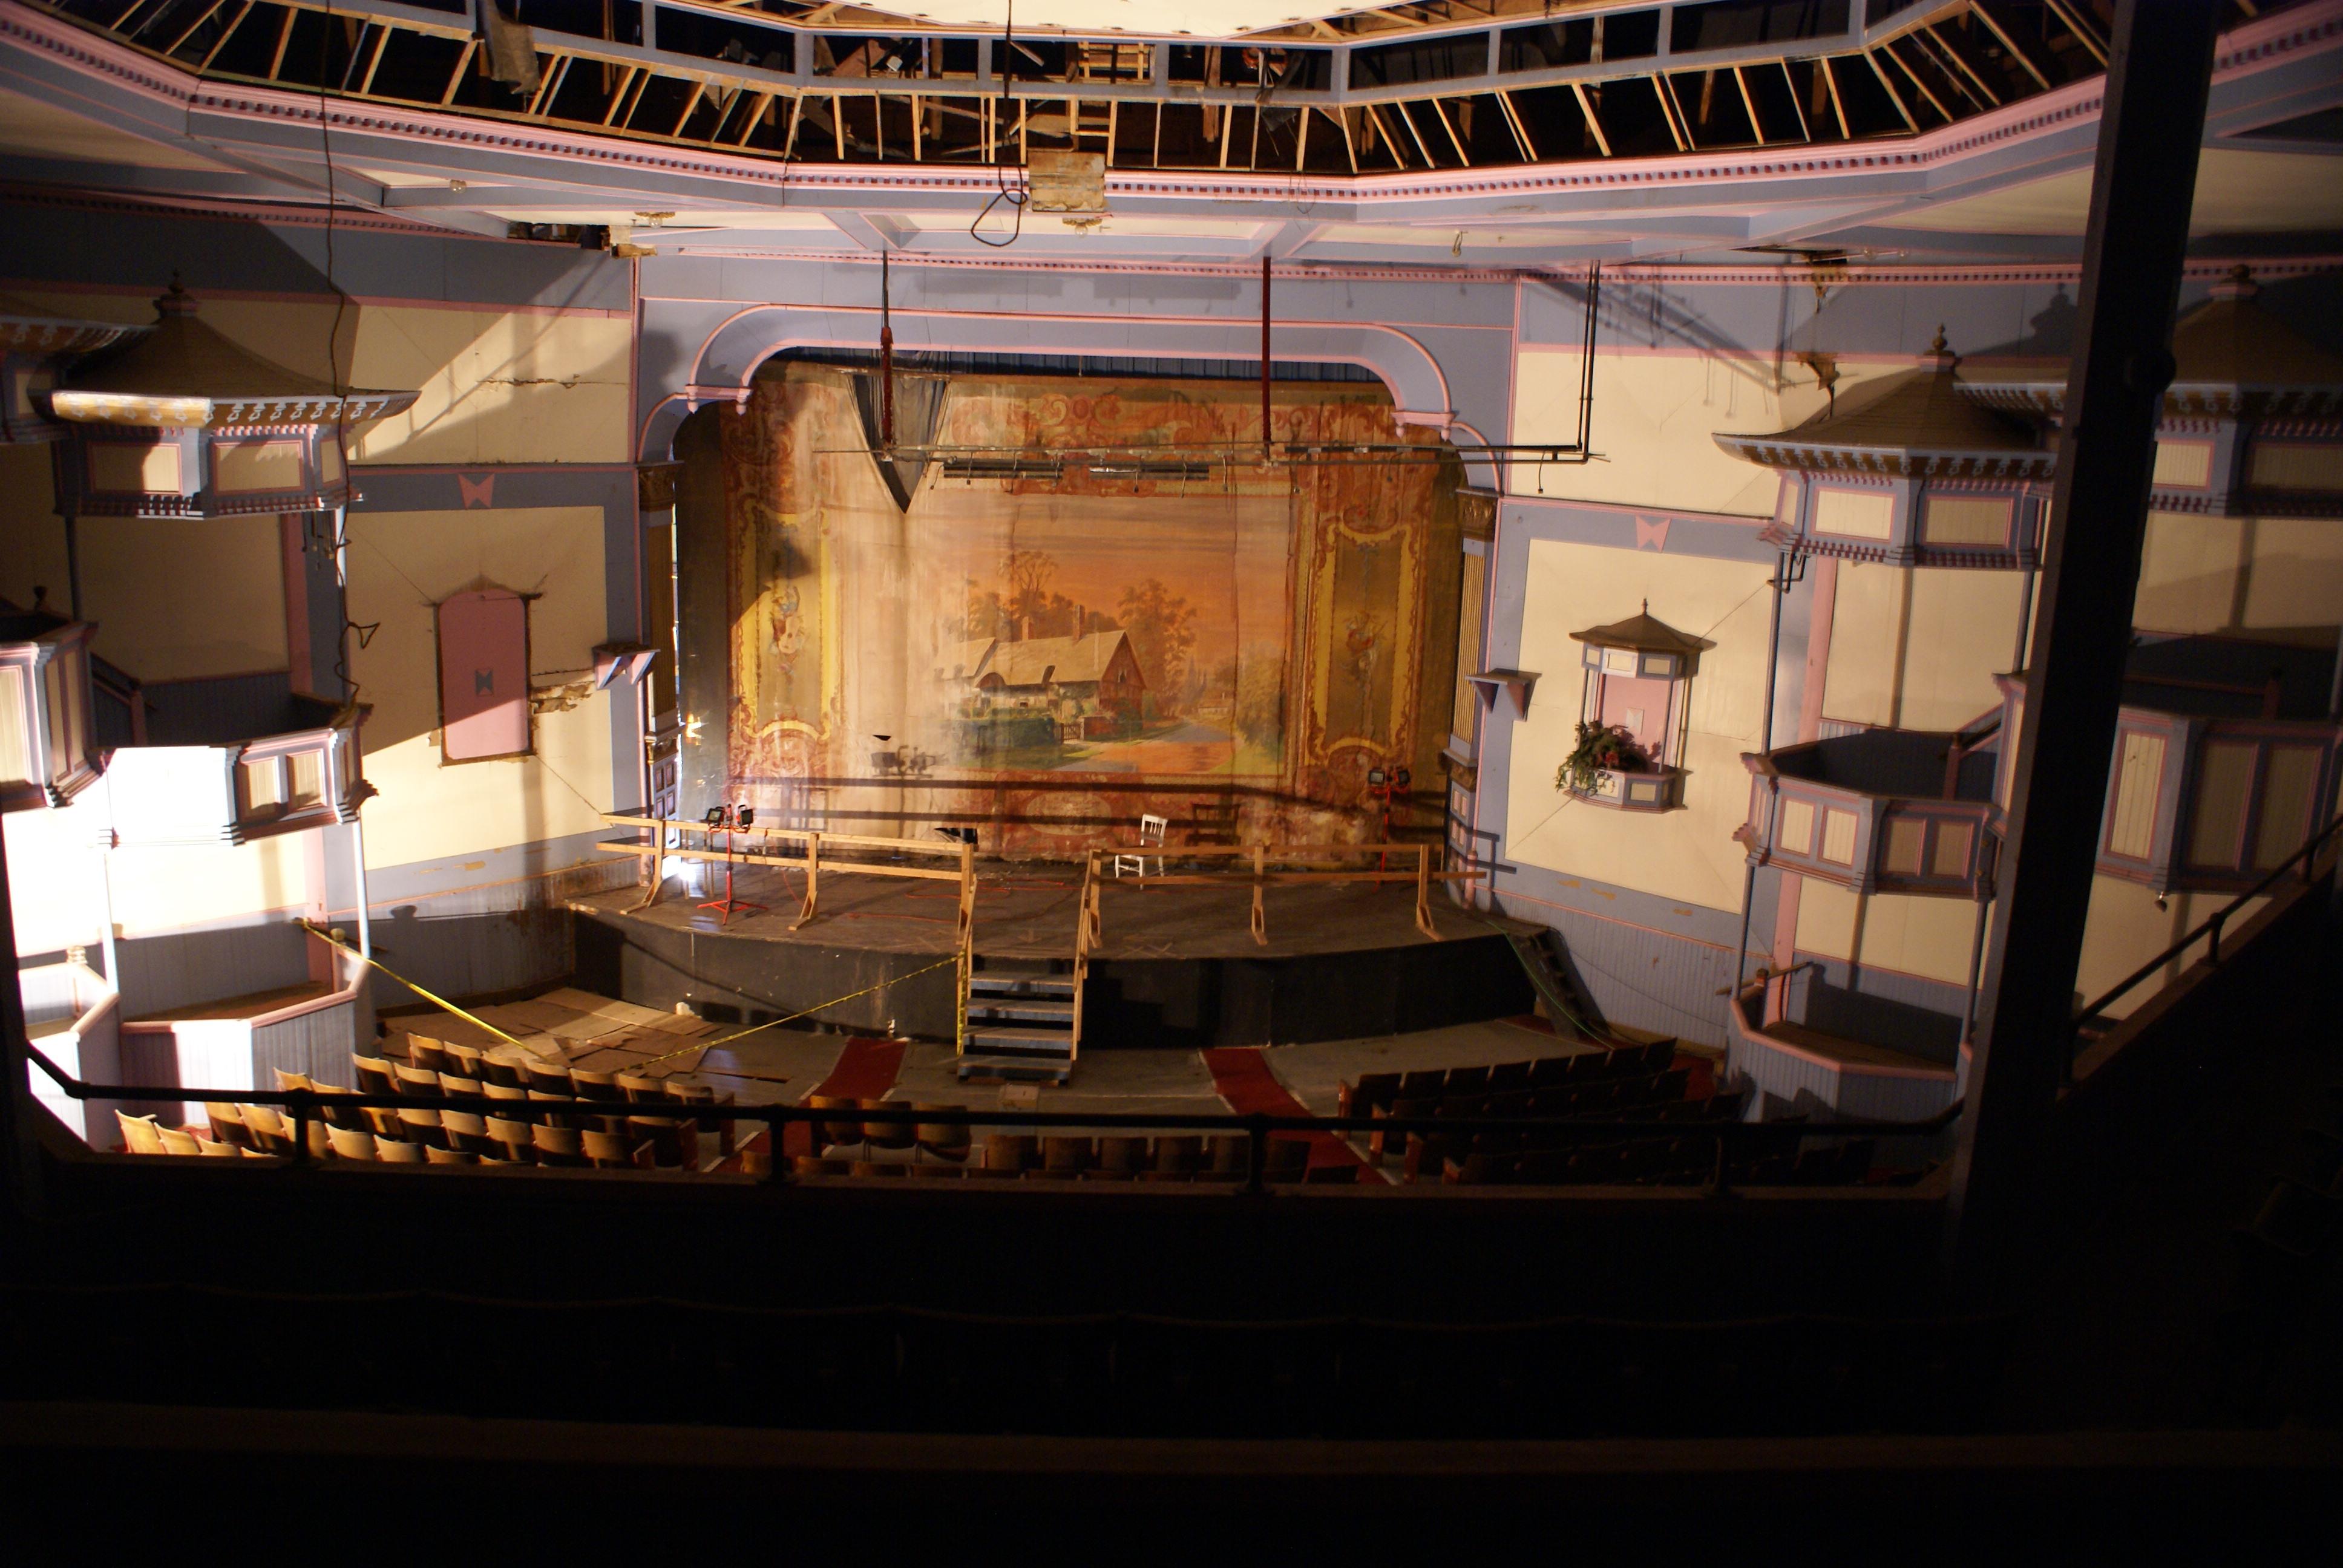 File:Historic Elitch Gardens Theatre interior 03974.jpg - Wikimedia ...